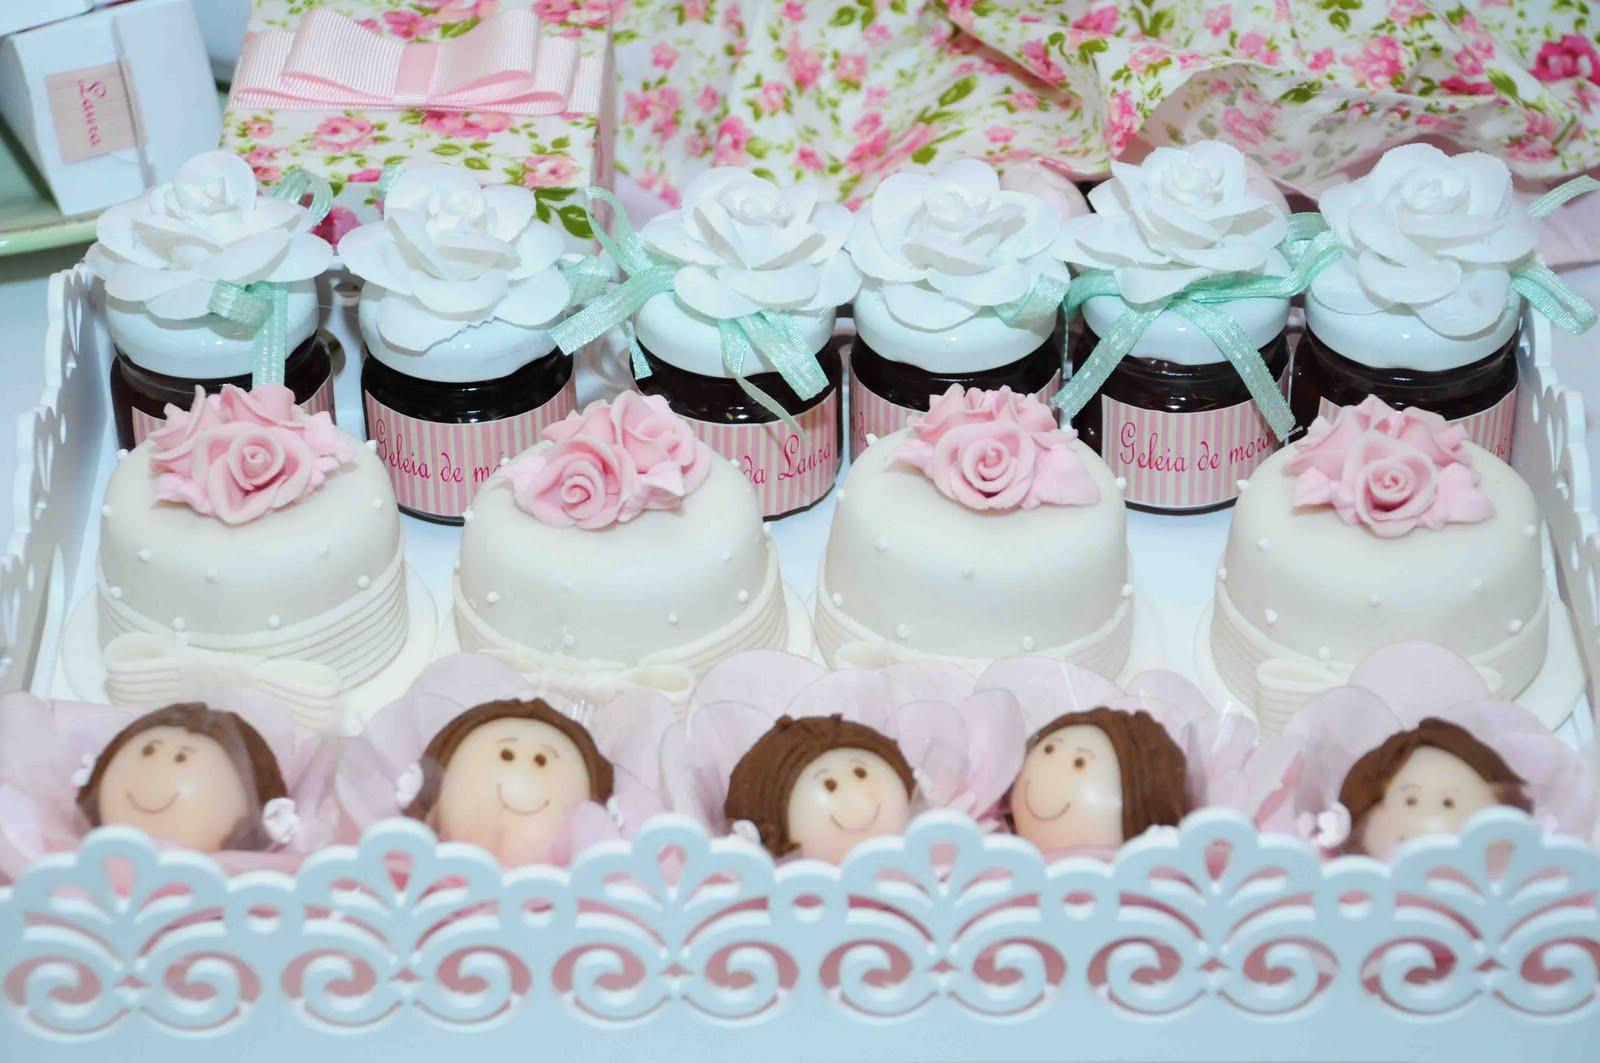 mini jardim em goiania:Os docinhos modelados, doces finos e mini-bolos são da Sonho Meu. As